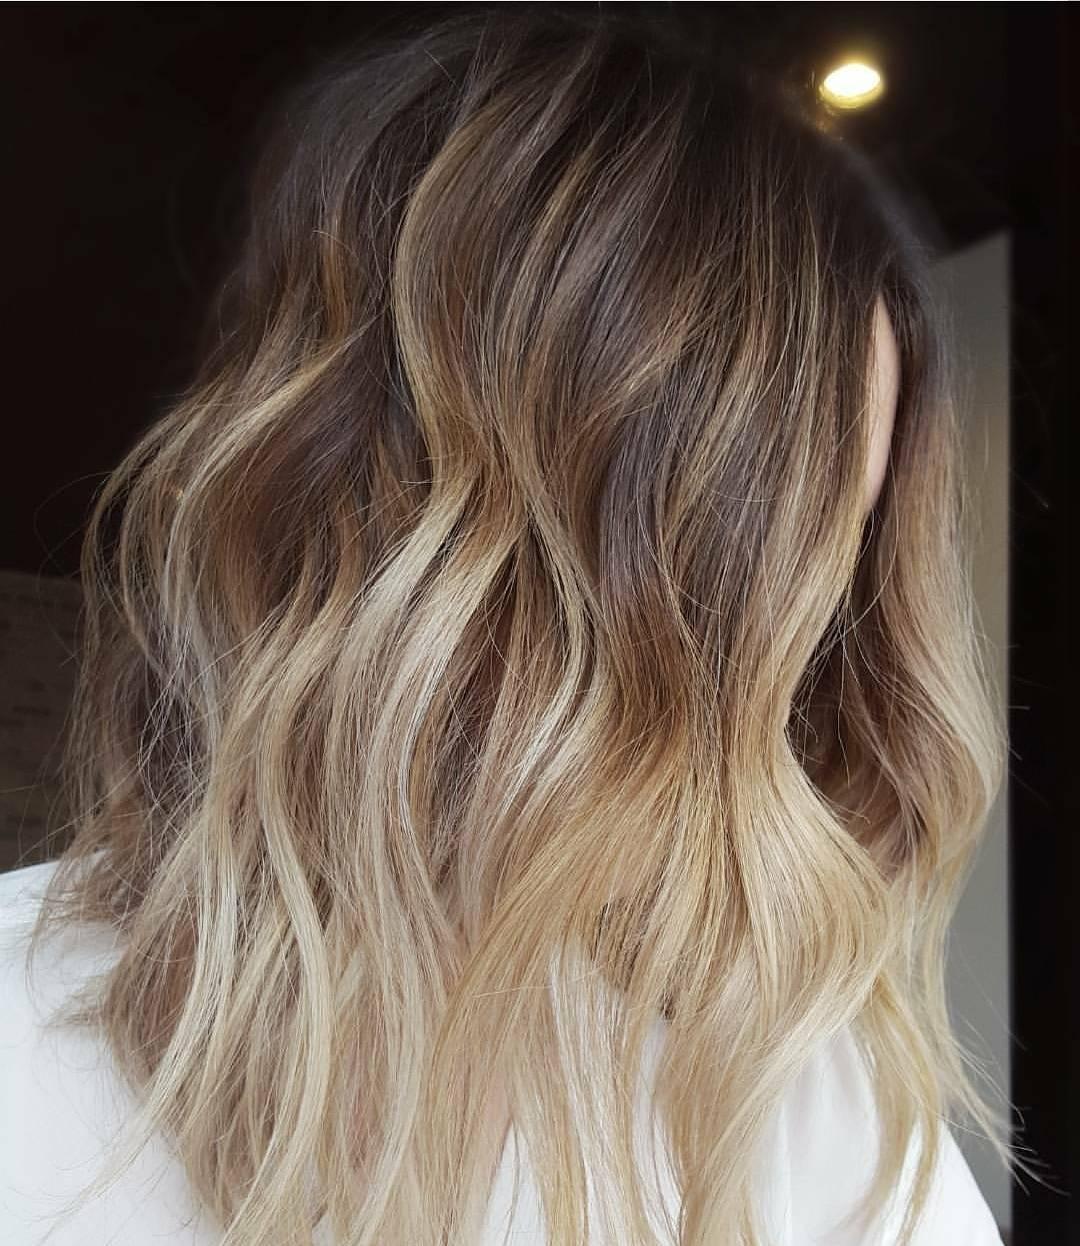 Τάσεις στο χρώμα των μαλλιών - Fallayage